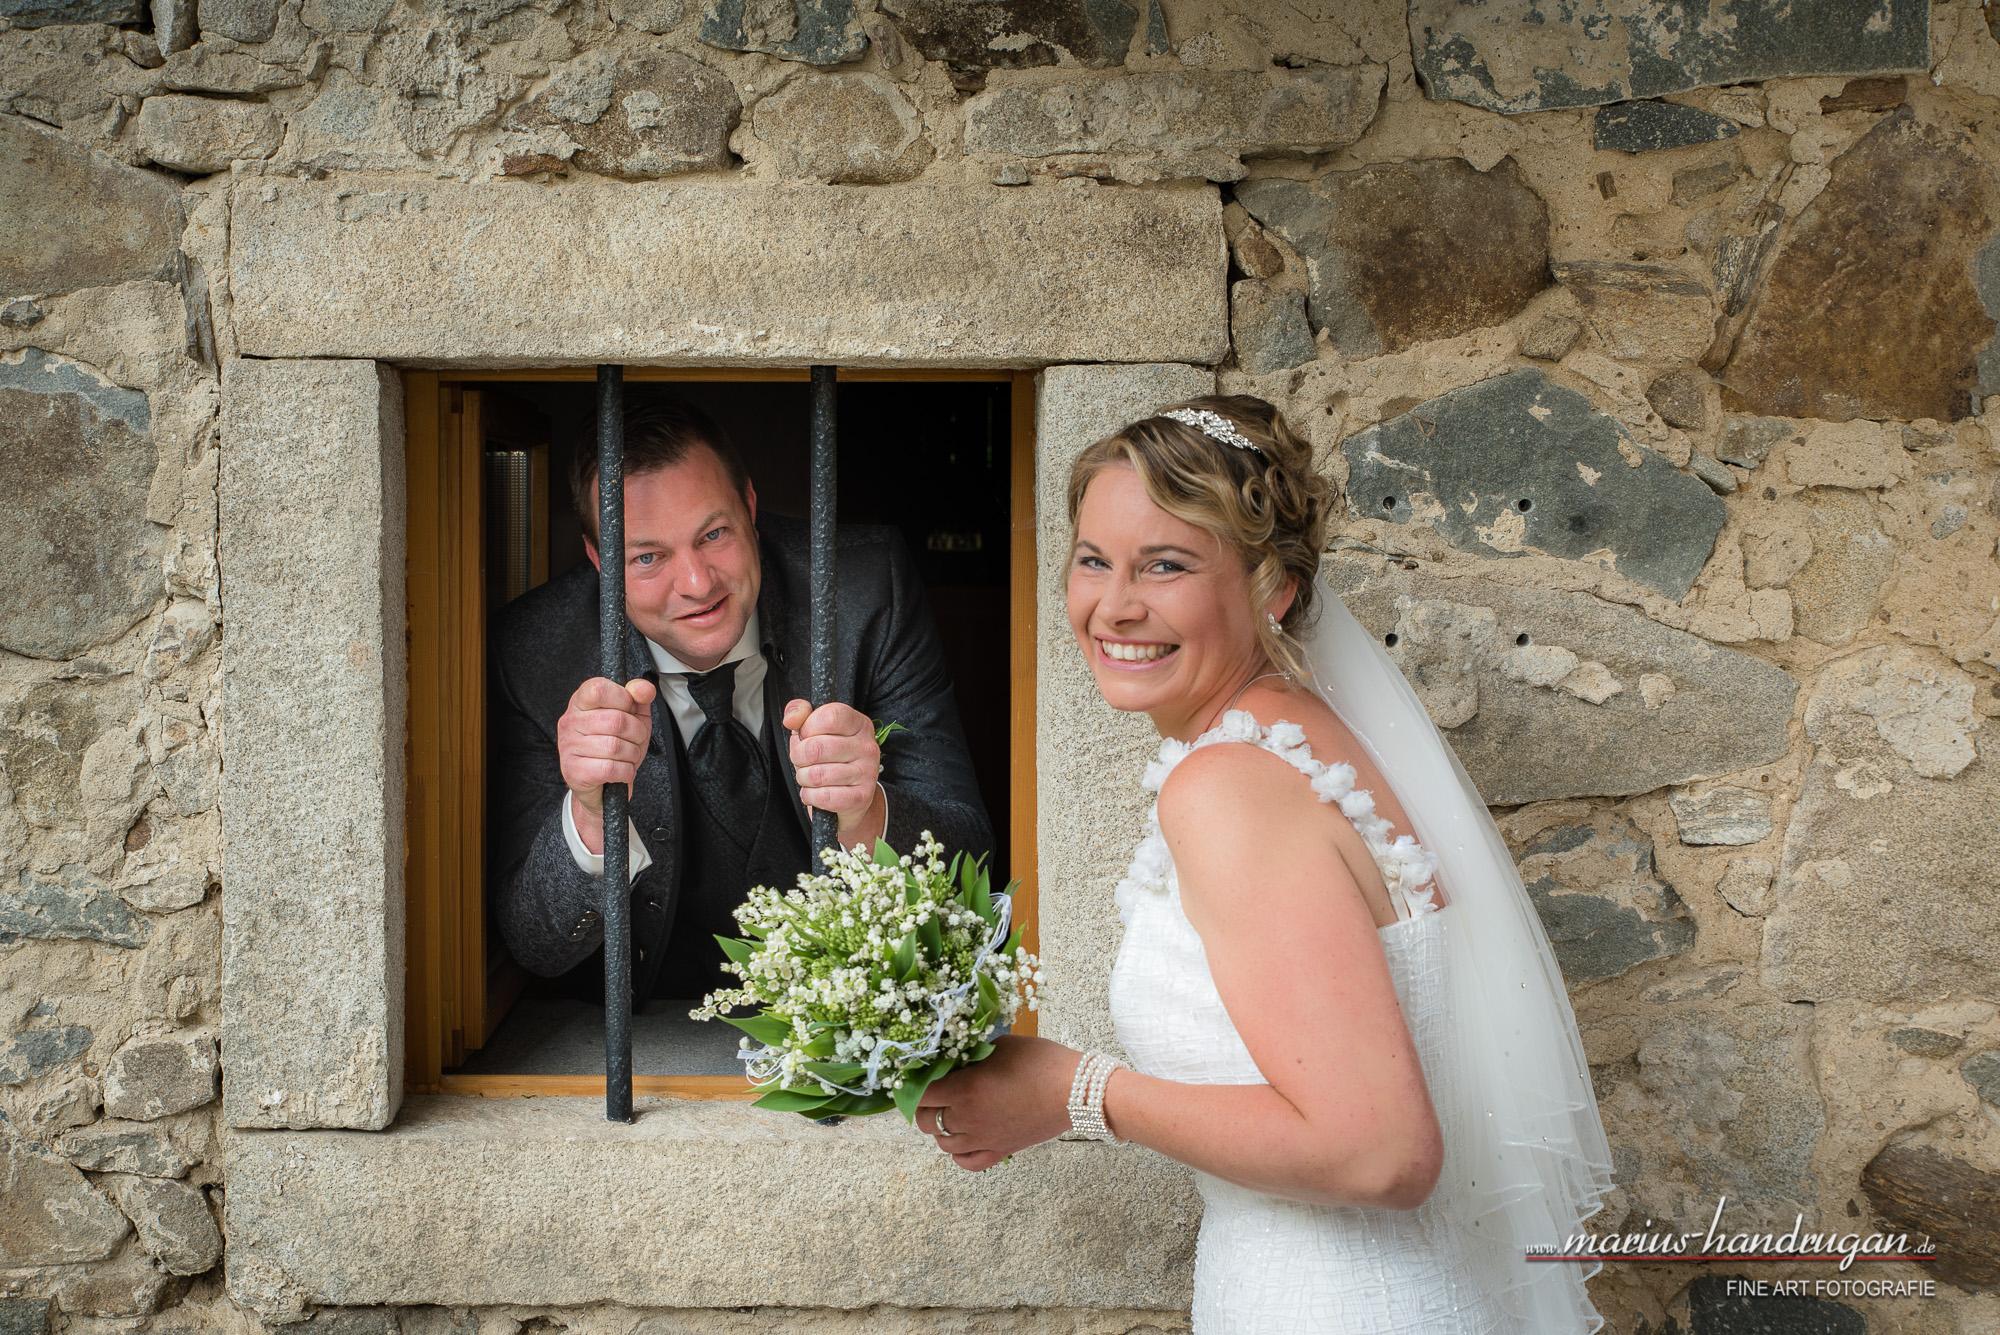 Lustiges Brautpaar Shooting